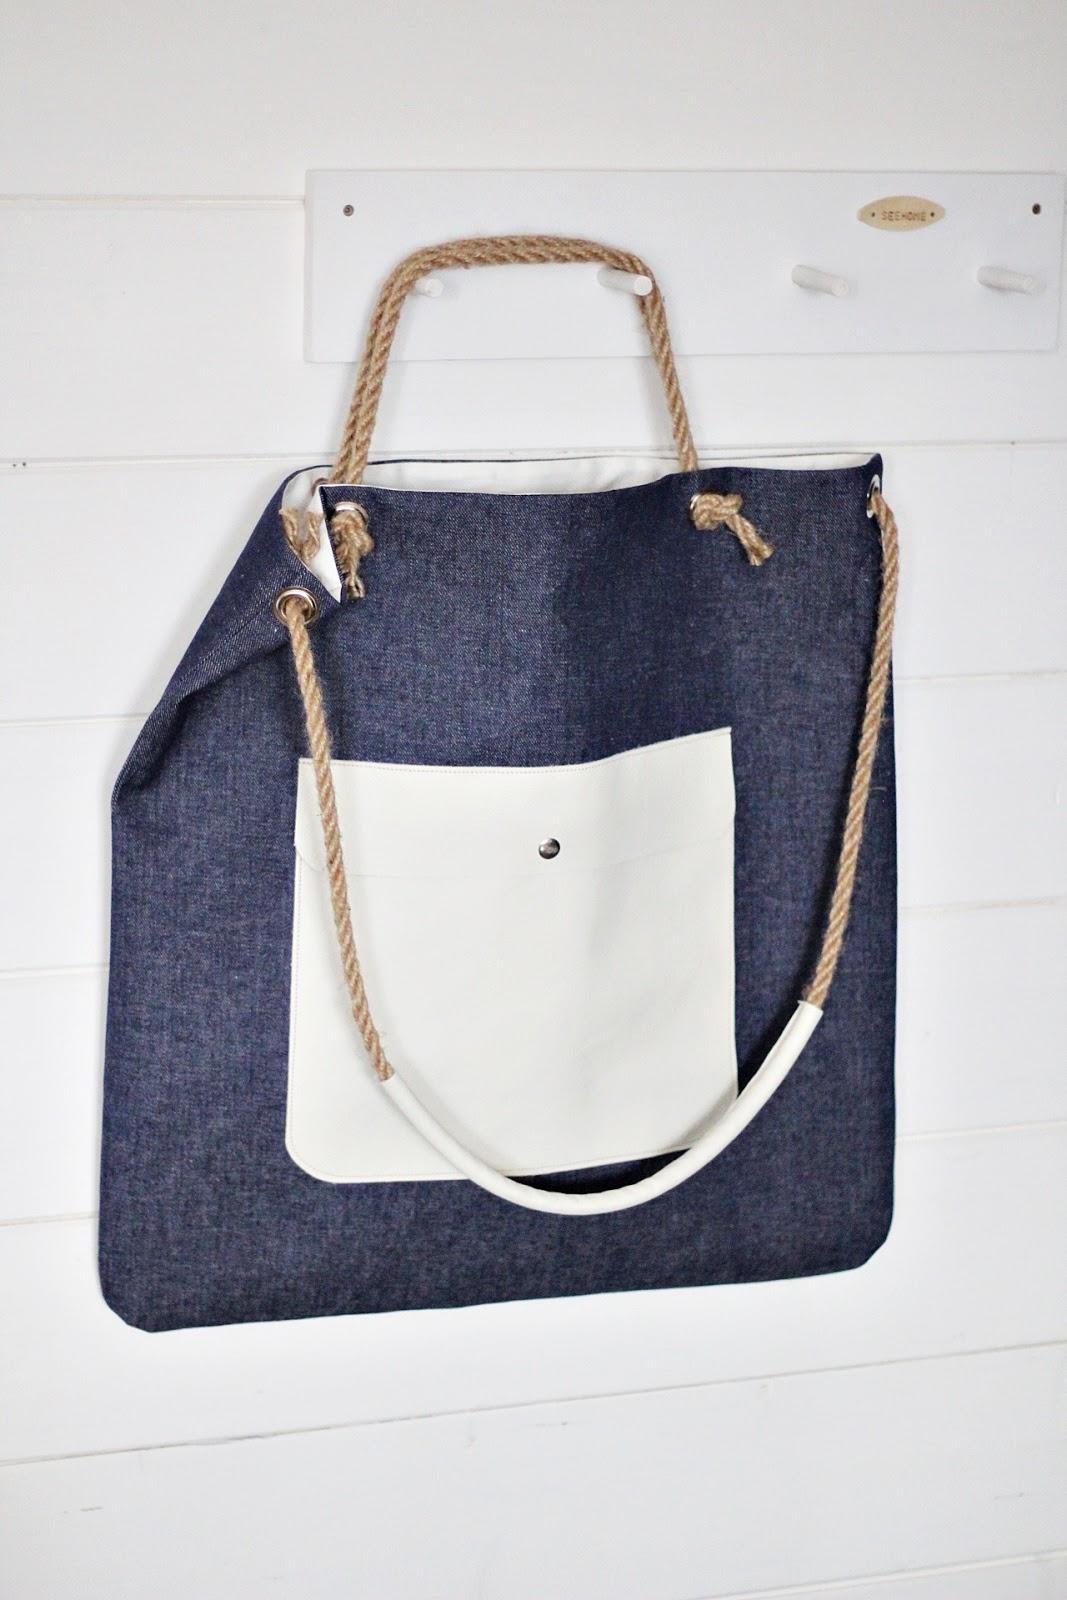 8046e4269b554 SeeHome Shop: Torba Xl.Duża torba.Torba dżinsowa